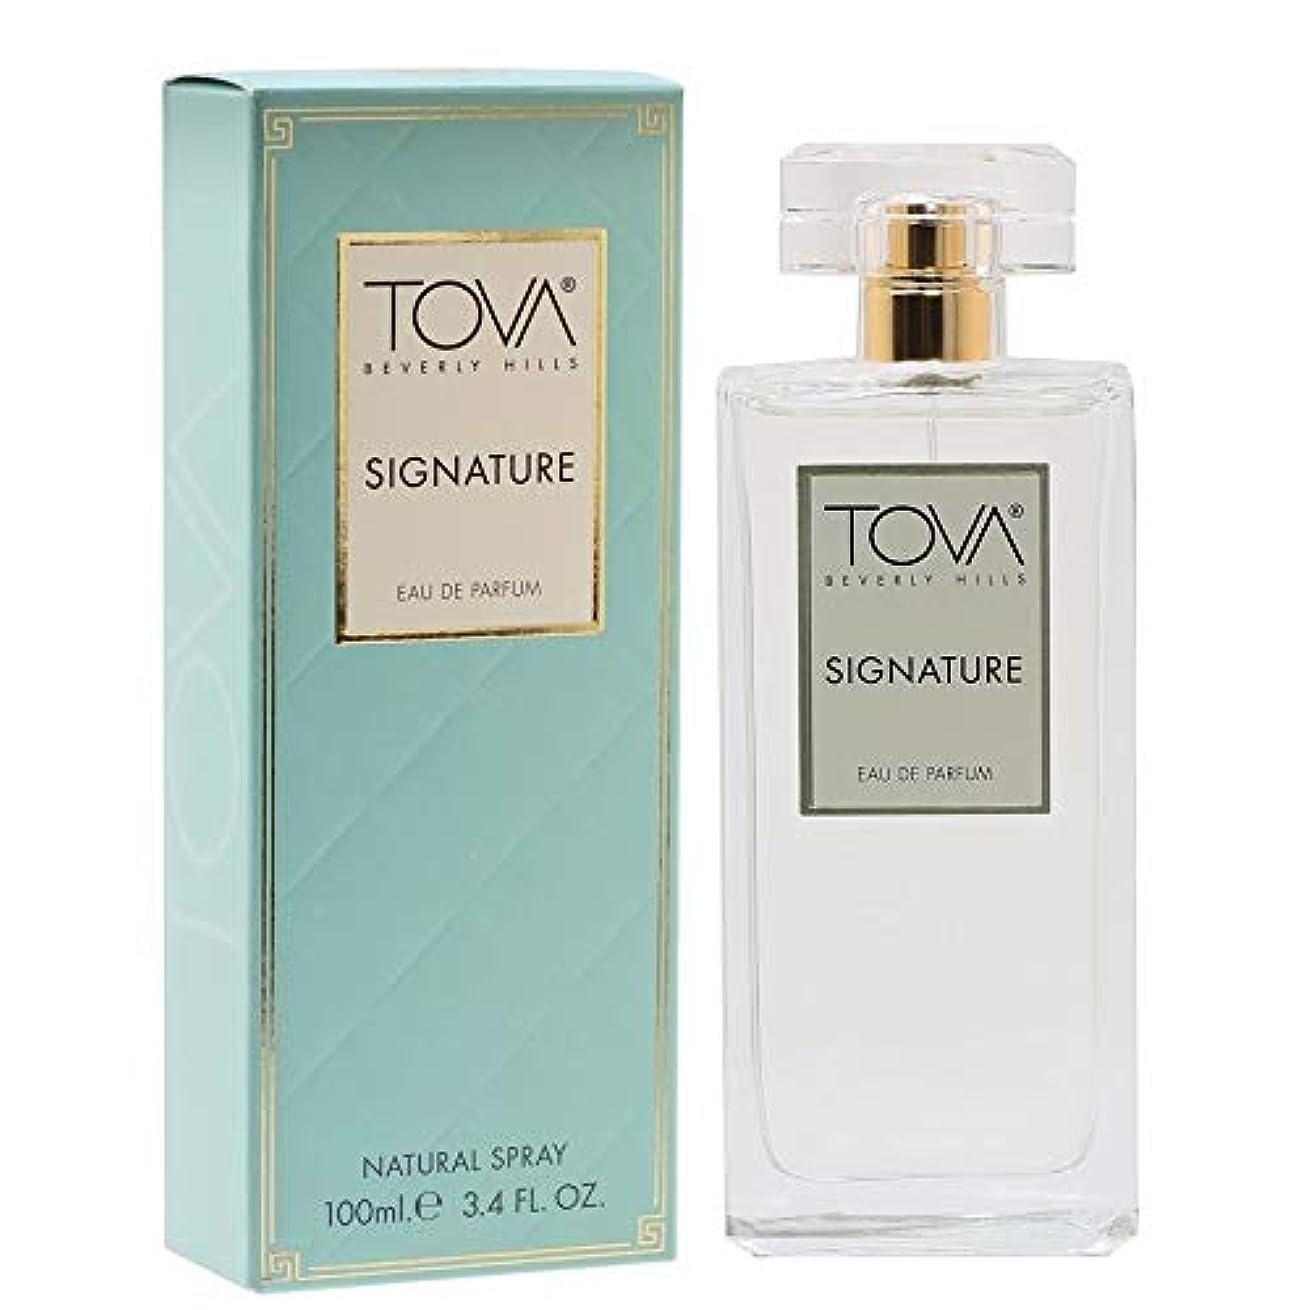 おしゃれじゃない艶扇動するTova Signature Fragrance (トヴァ シグネチャ- フレグランス) 3.4 oz (100ml) EDP Spray (New Package 新デザイン)